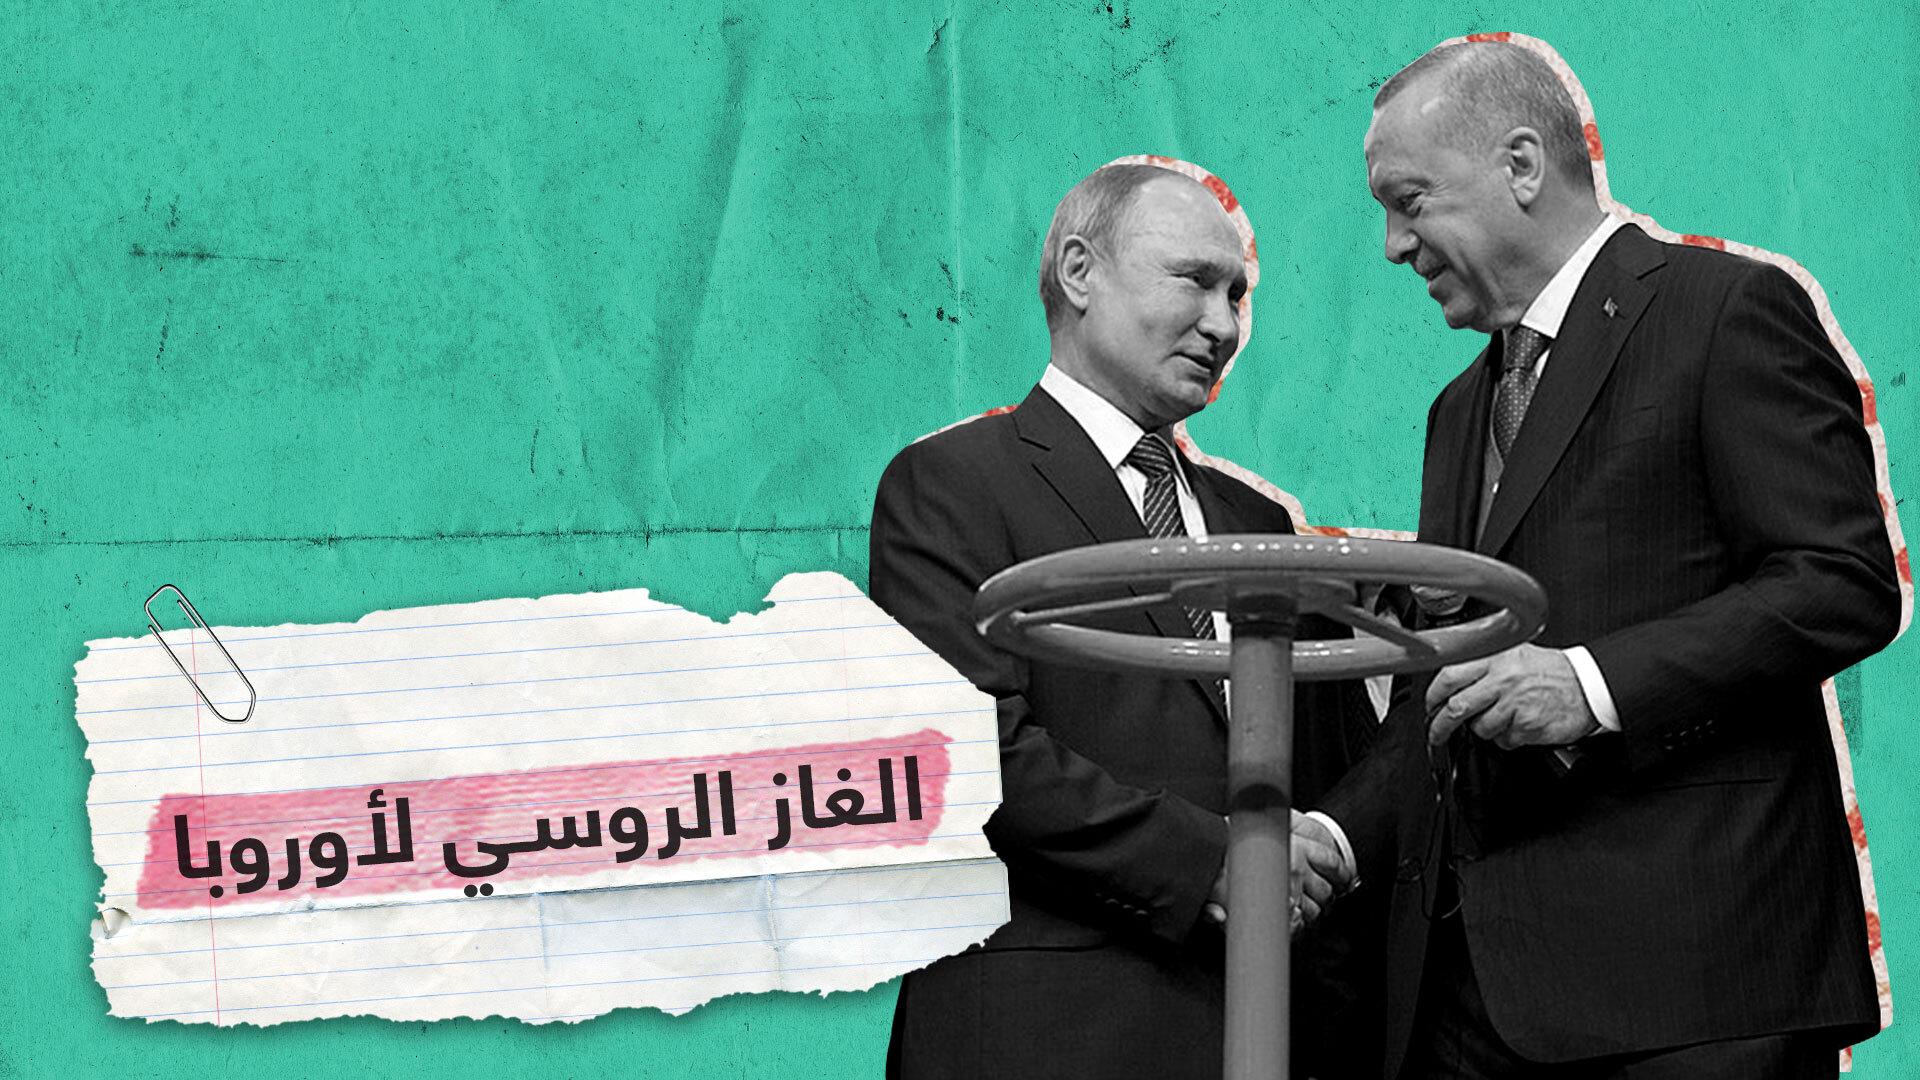 بحضور بوتين وأردوغان.. الغاز الروسي يبدأ التدفق إلى أوروبا